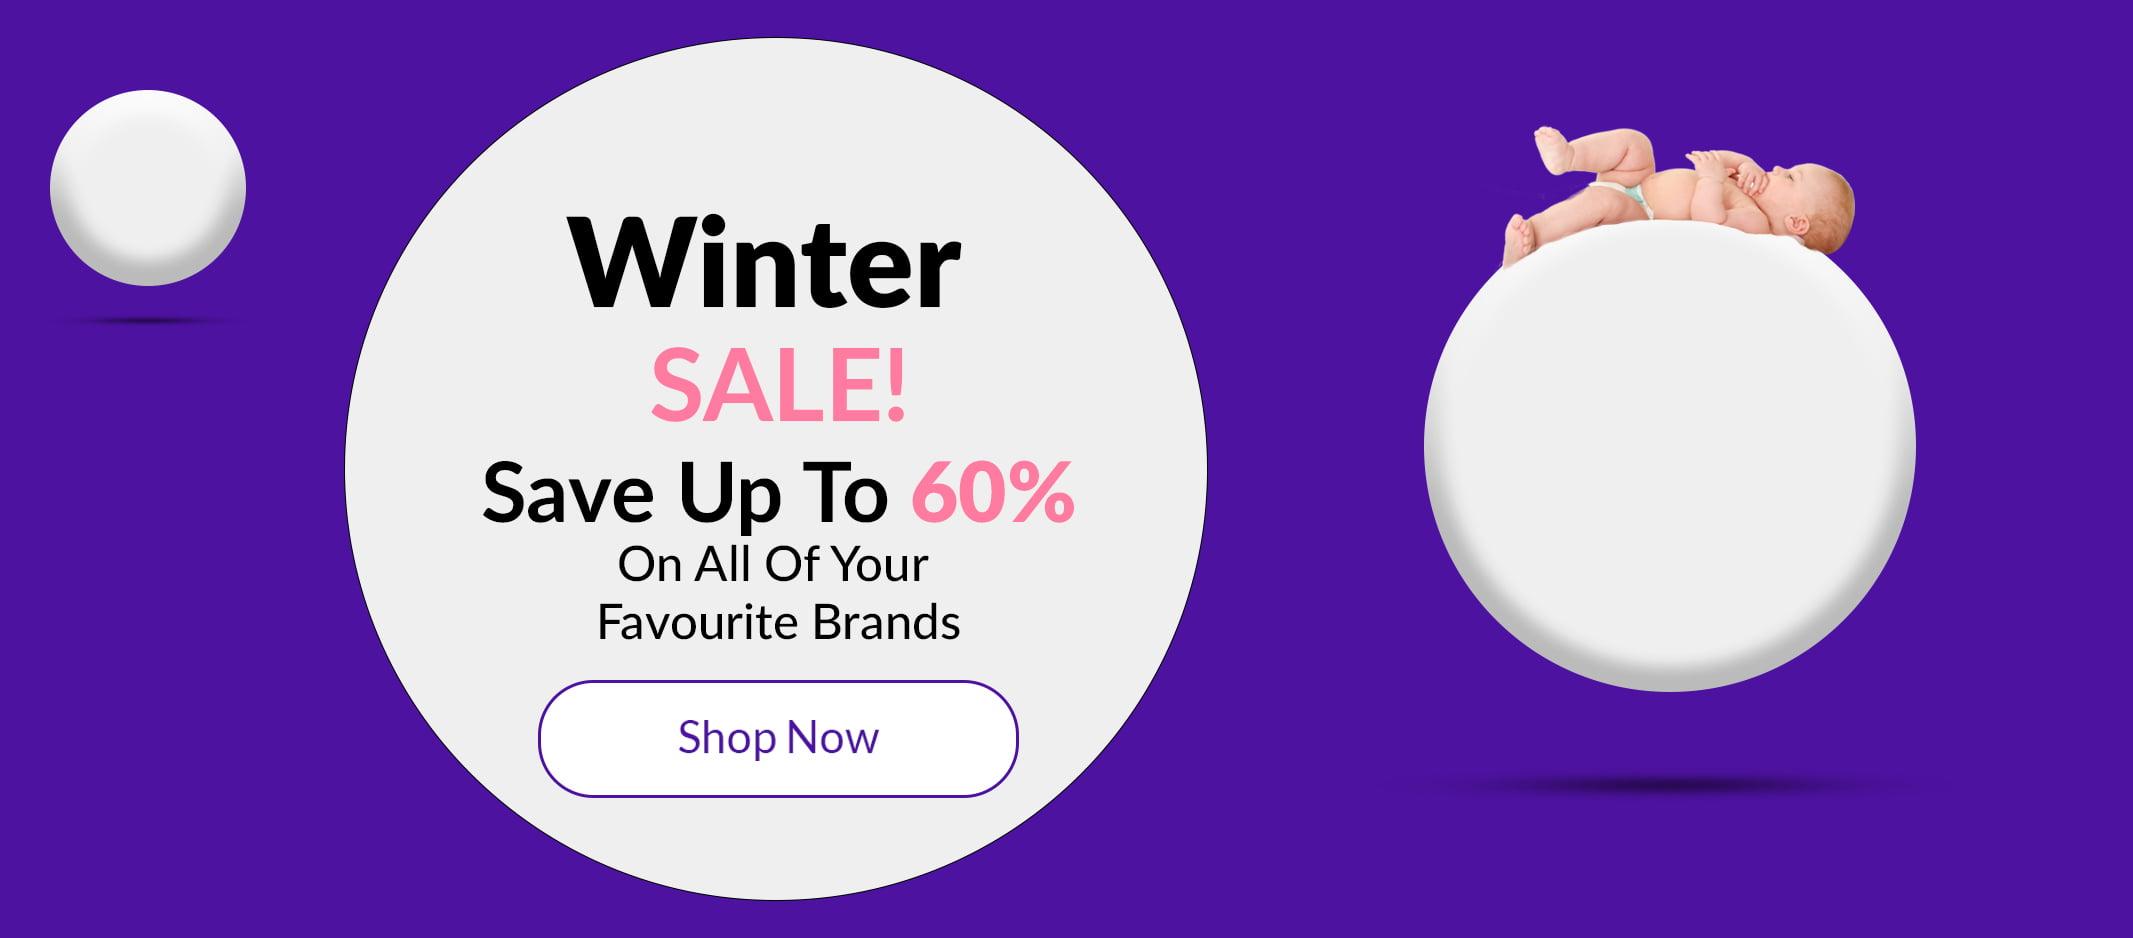 BabyMonitorsDirect Winter Sale